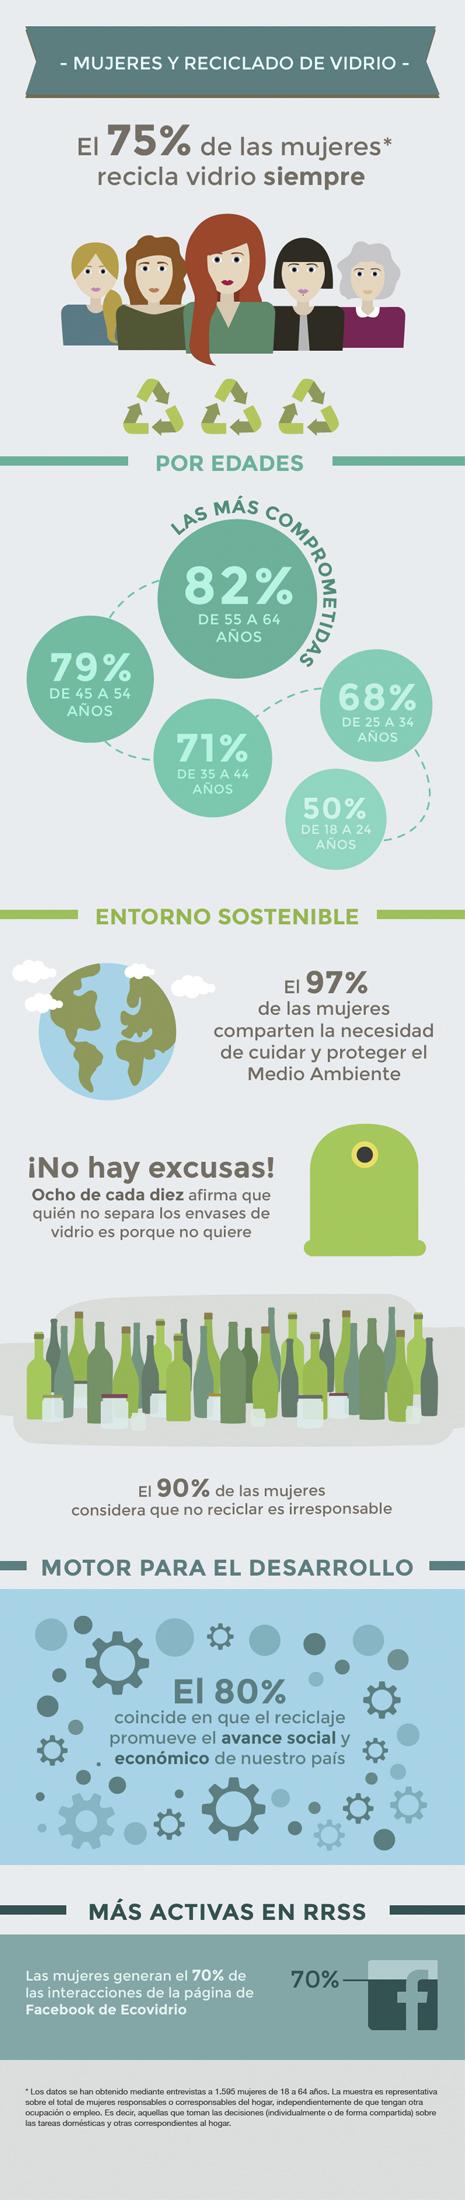 """""""Ecowoman"""", el homenaje de Ecovidrio a las mujeres comprometidas con el reciclado de vidrio"""